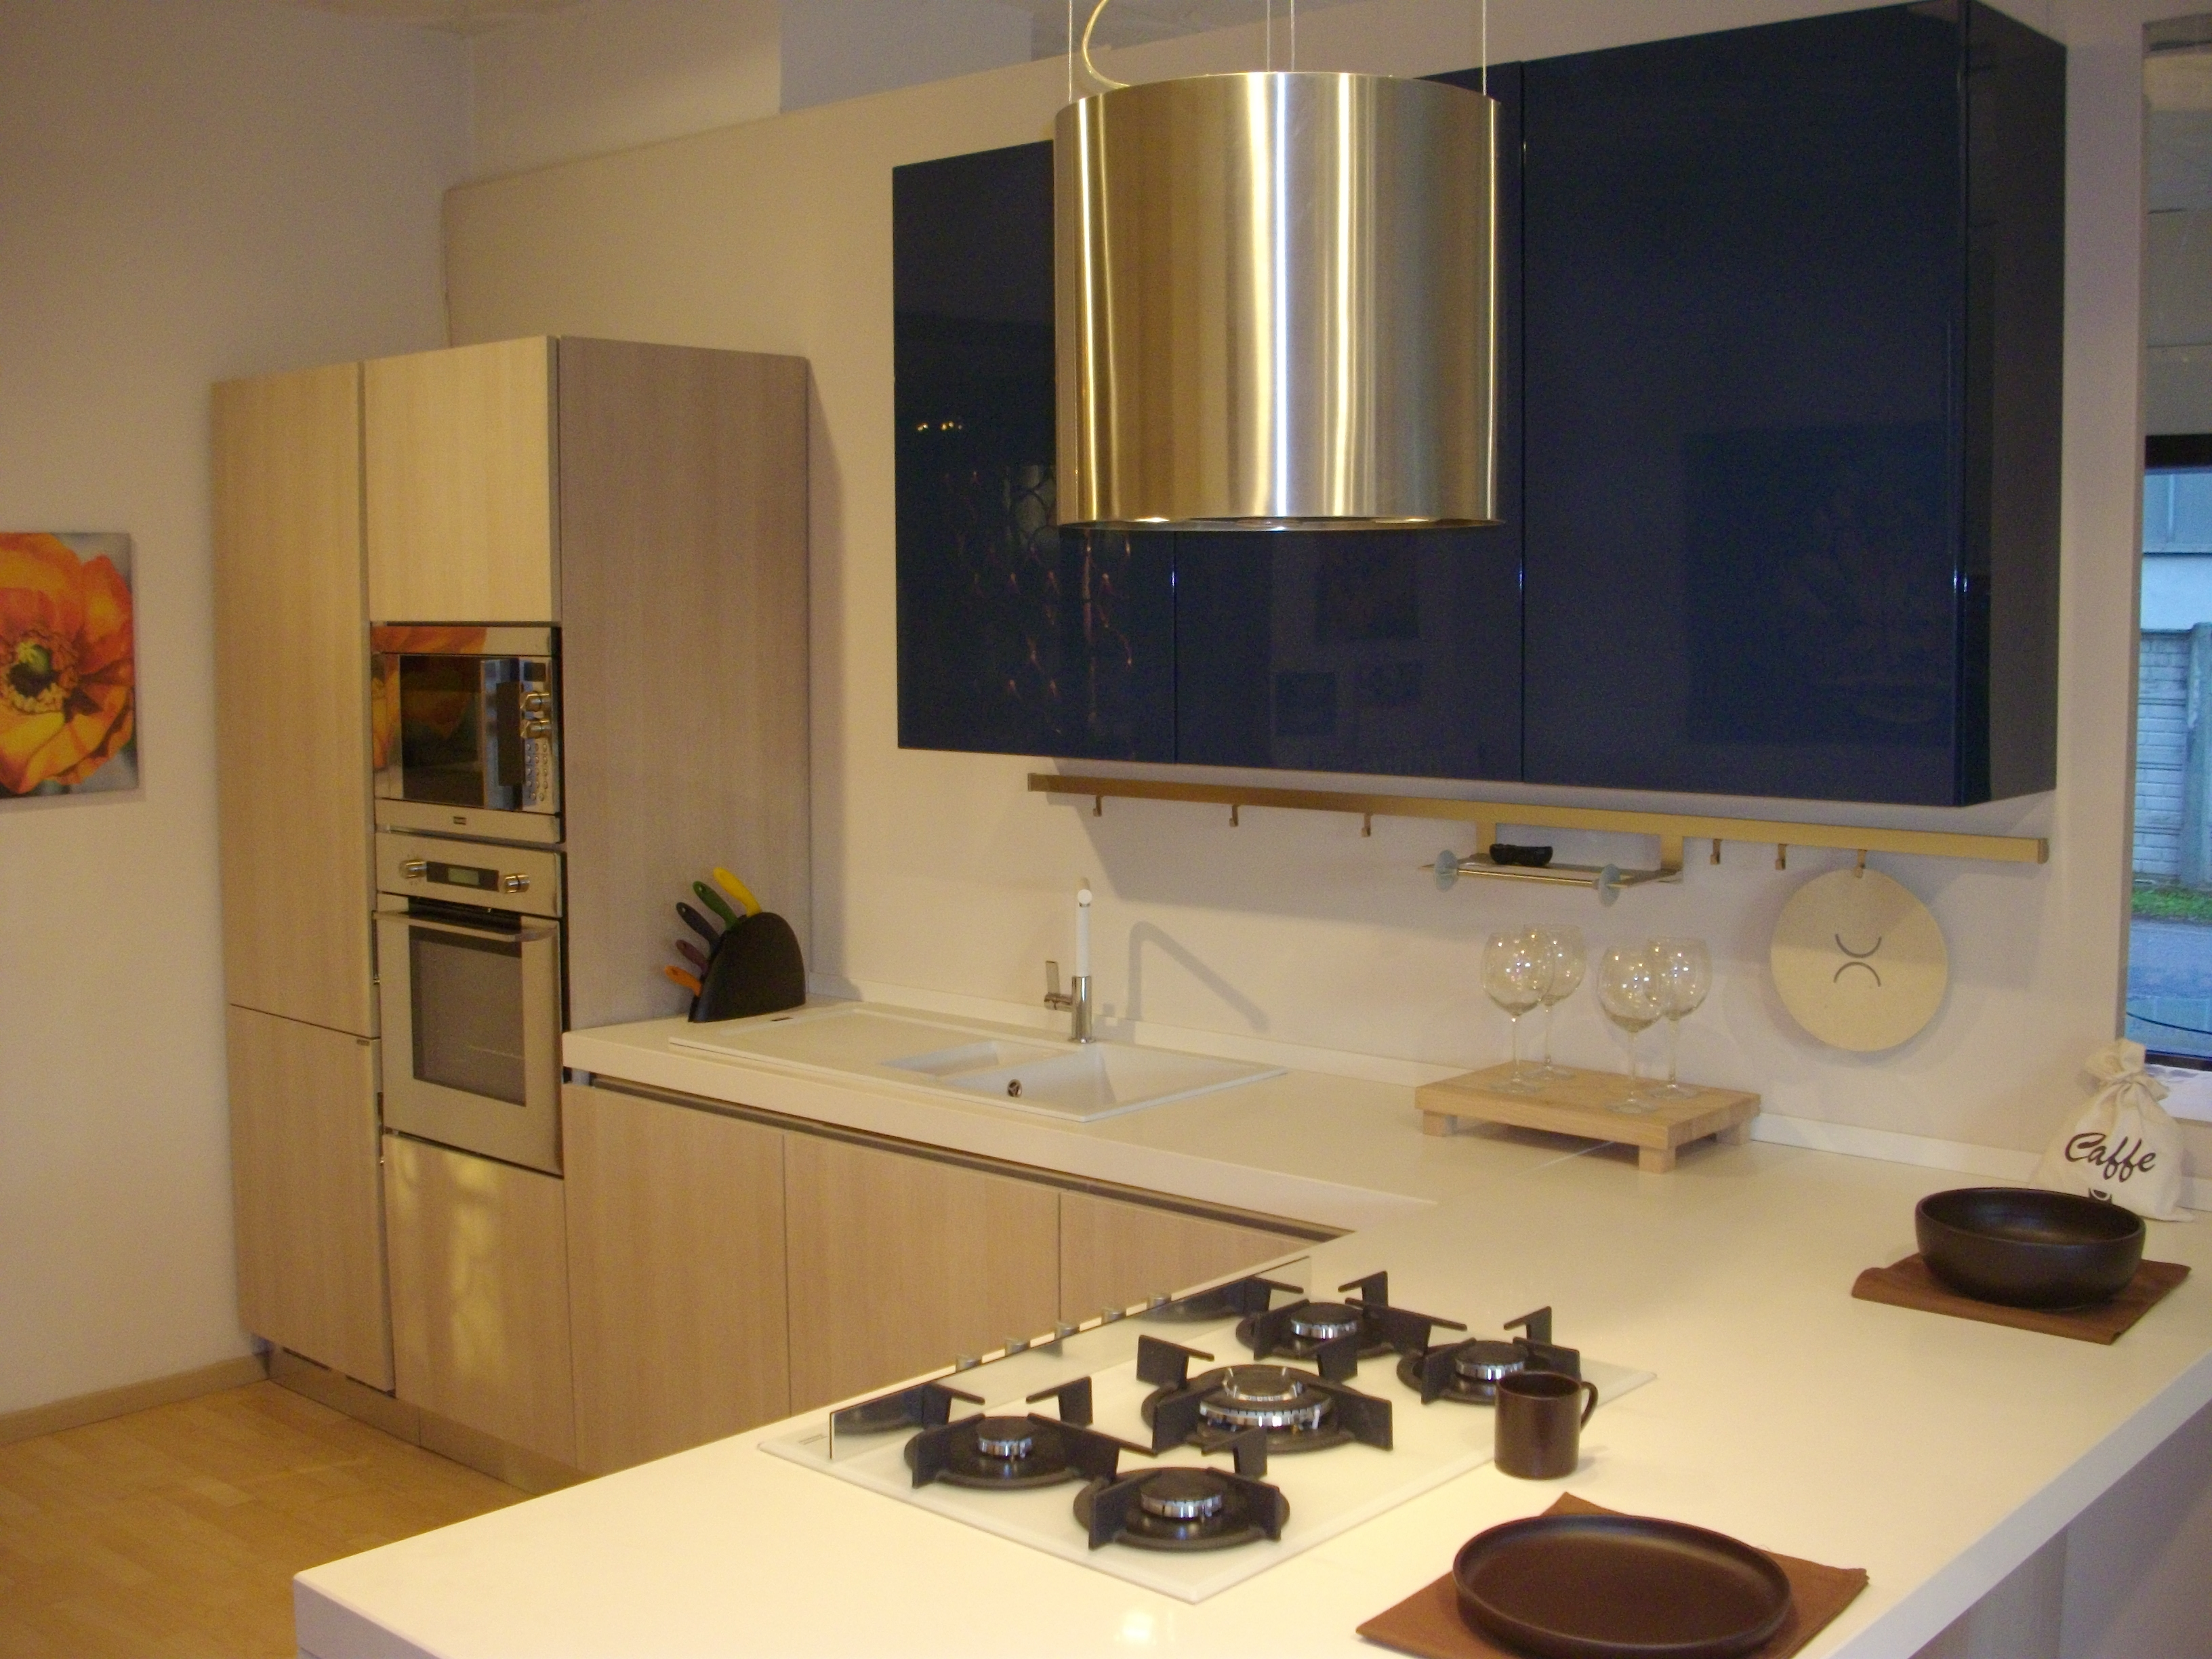 Cucina berloni mod b50 in occasione cucine a prezzi scontati - Cucine moderne berloni prezzi ...